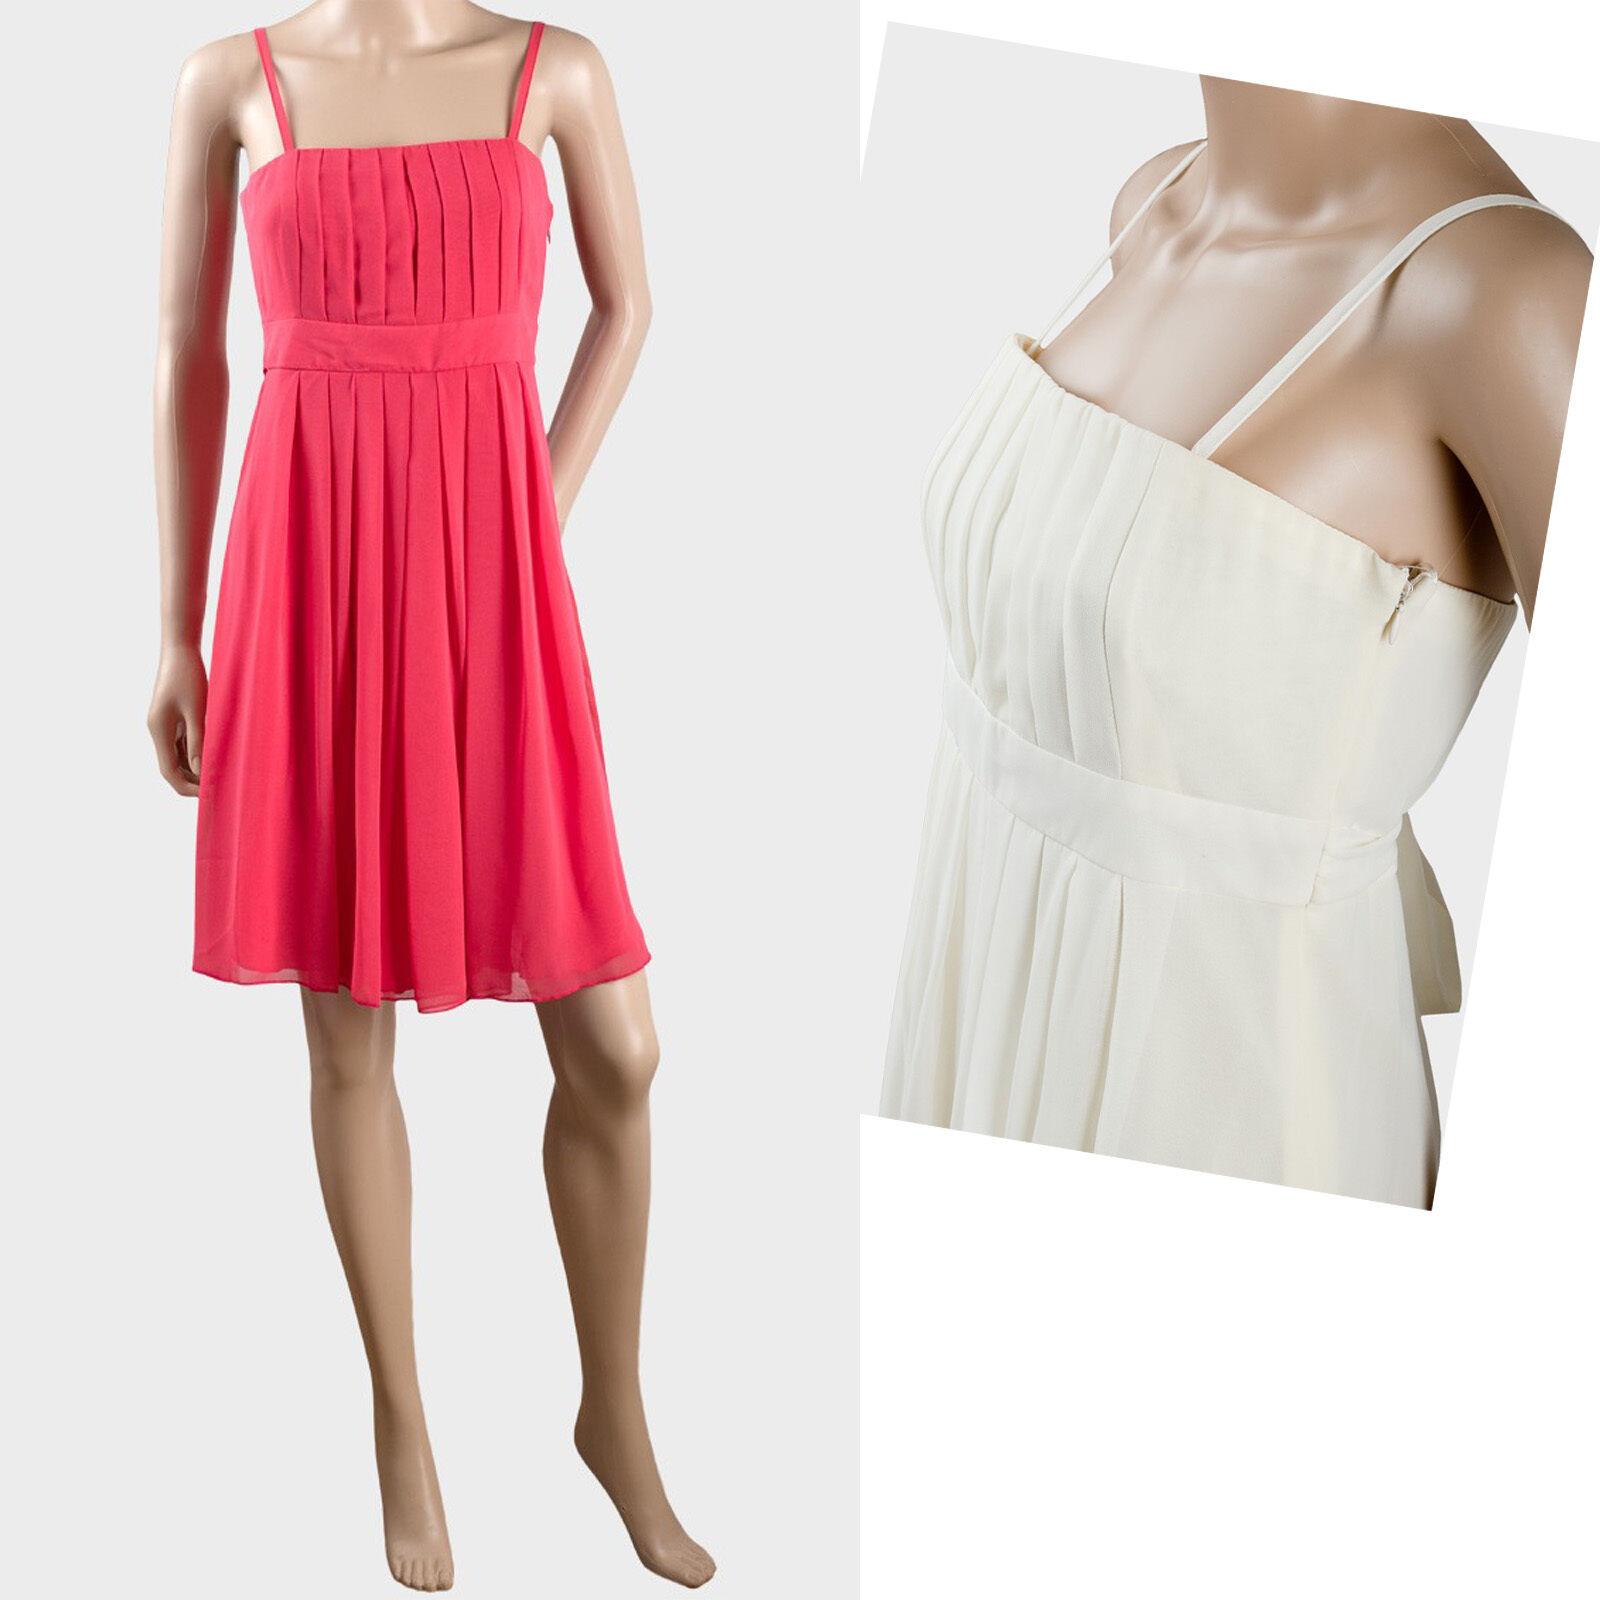 details zu kleid festlich cocktailkleid brautjungfernkleid abendkleid 36-44  neu